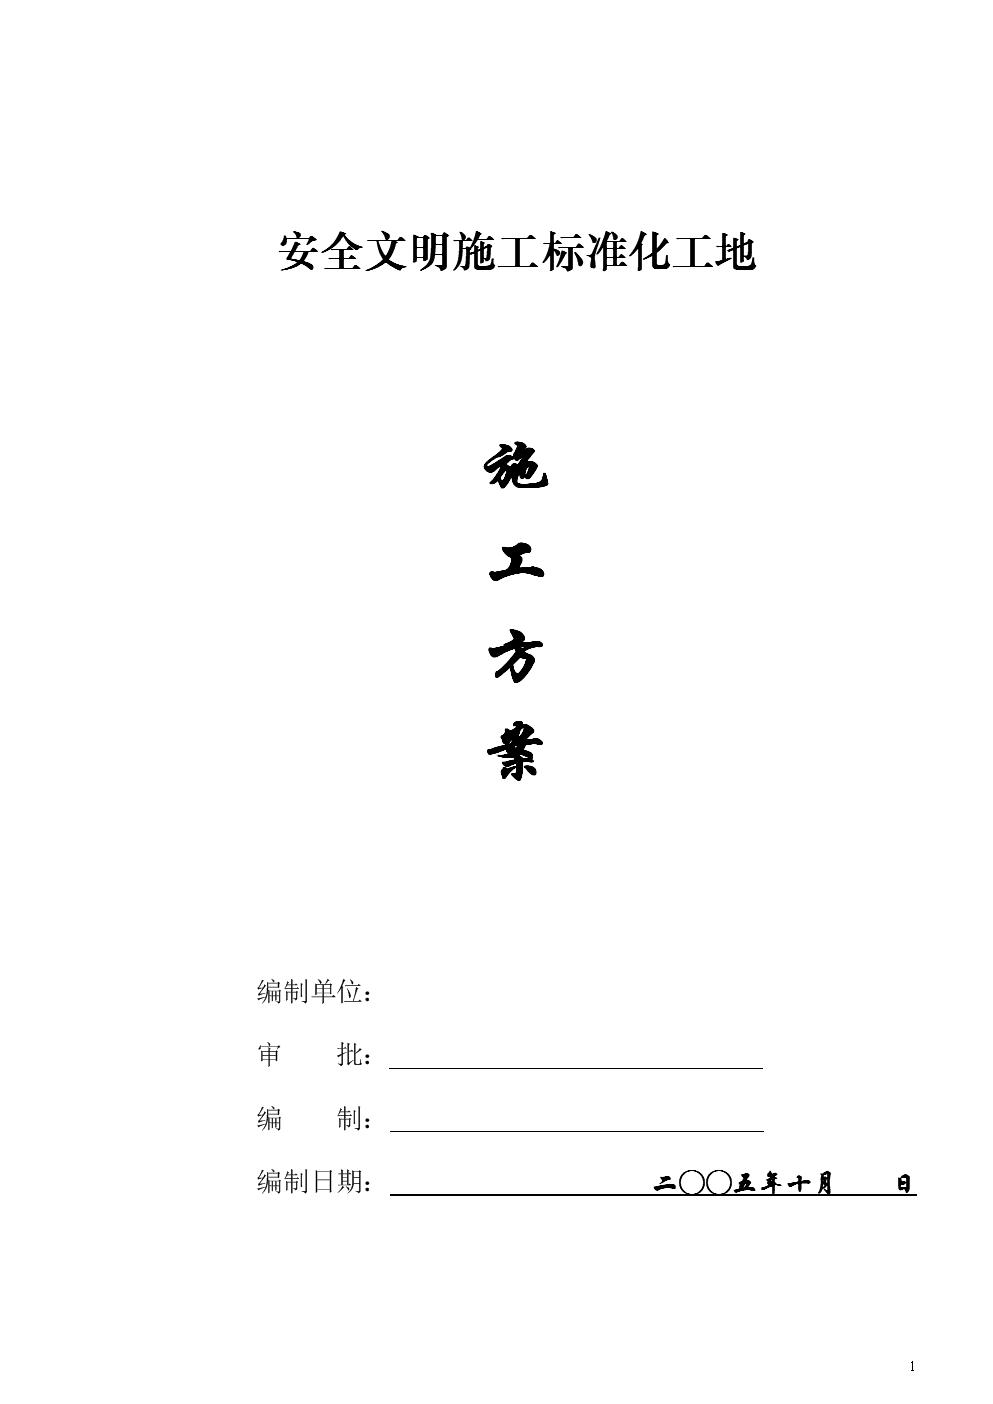 报告:安全文明施工标准化施工方案.doc